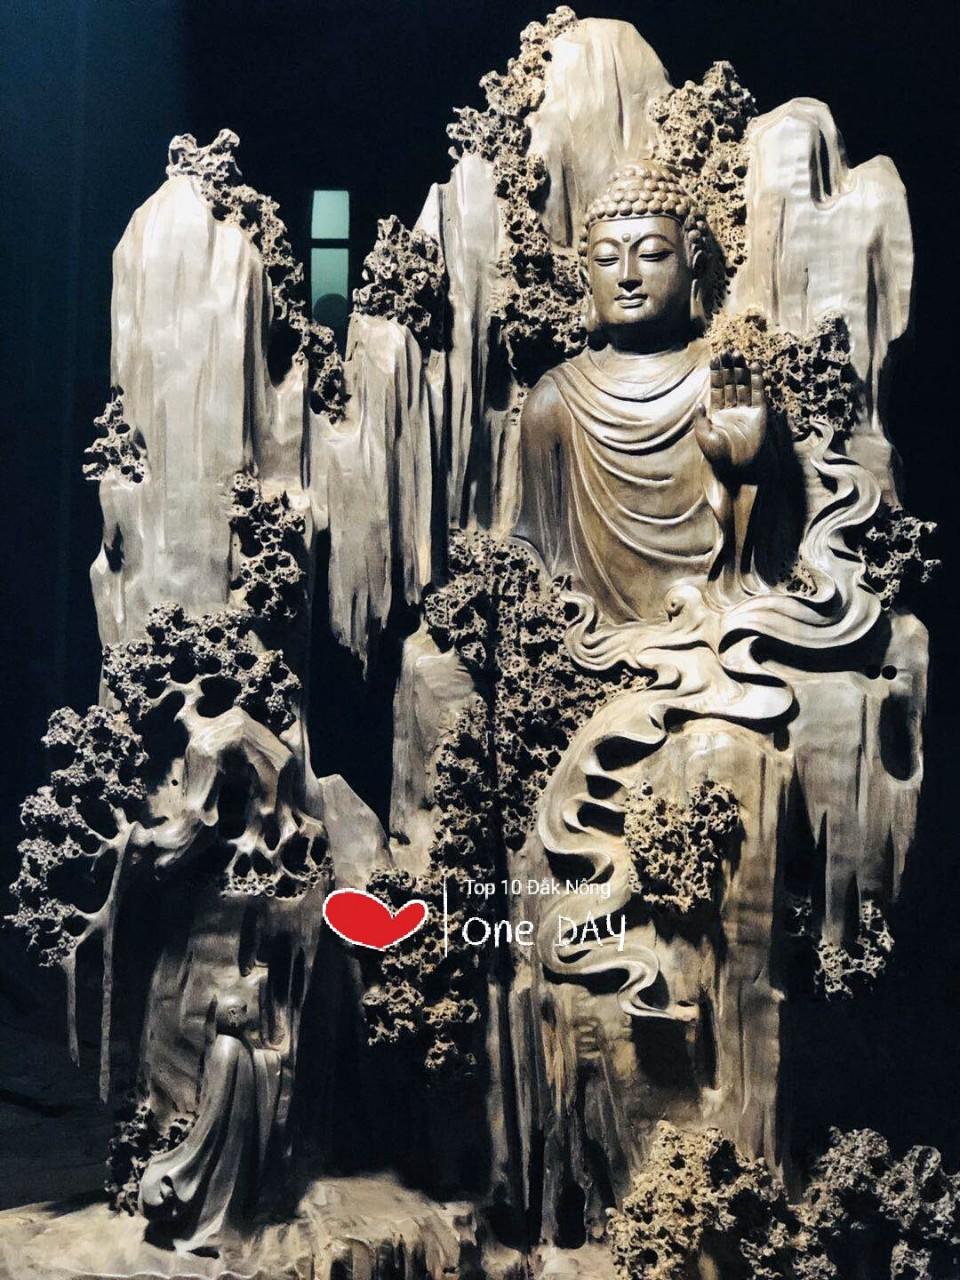 Top 10 cửa hàng gỗ nội thất mỹ nghệ uy tín nhất Đắk Nông - Top10DakNong